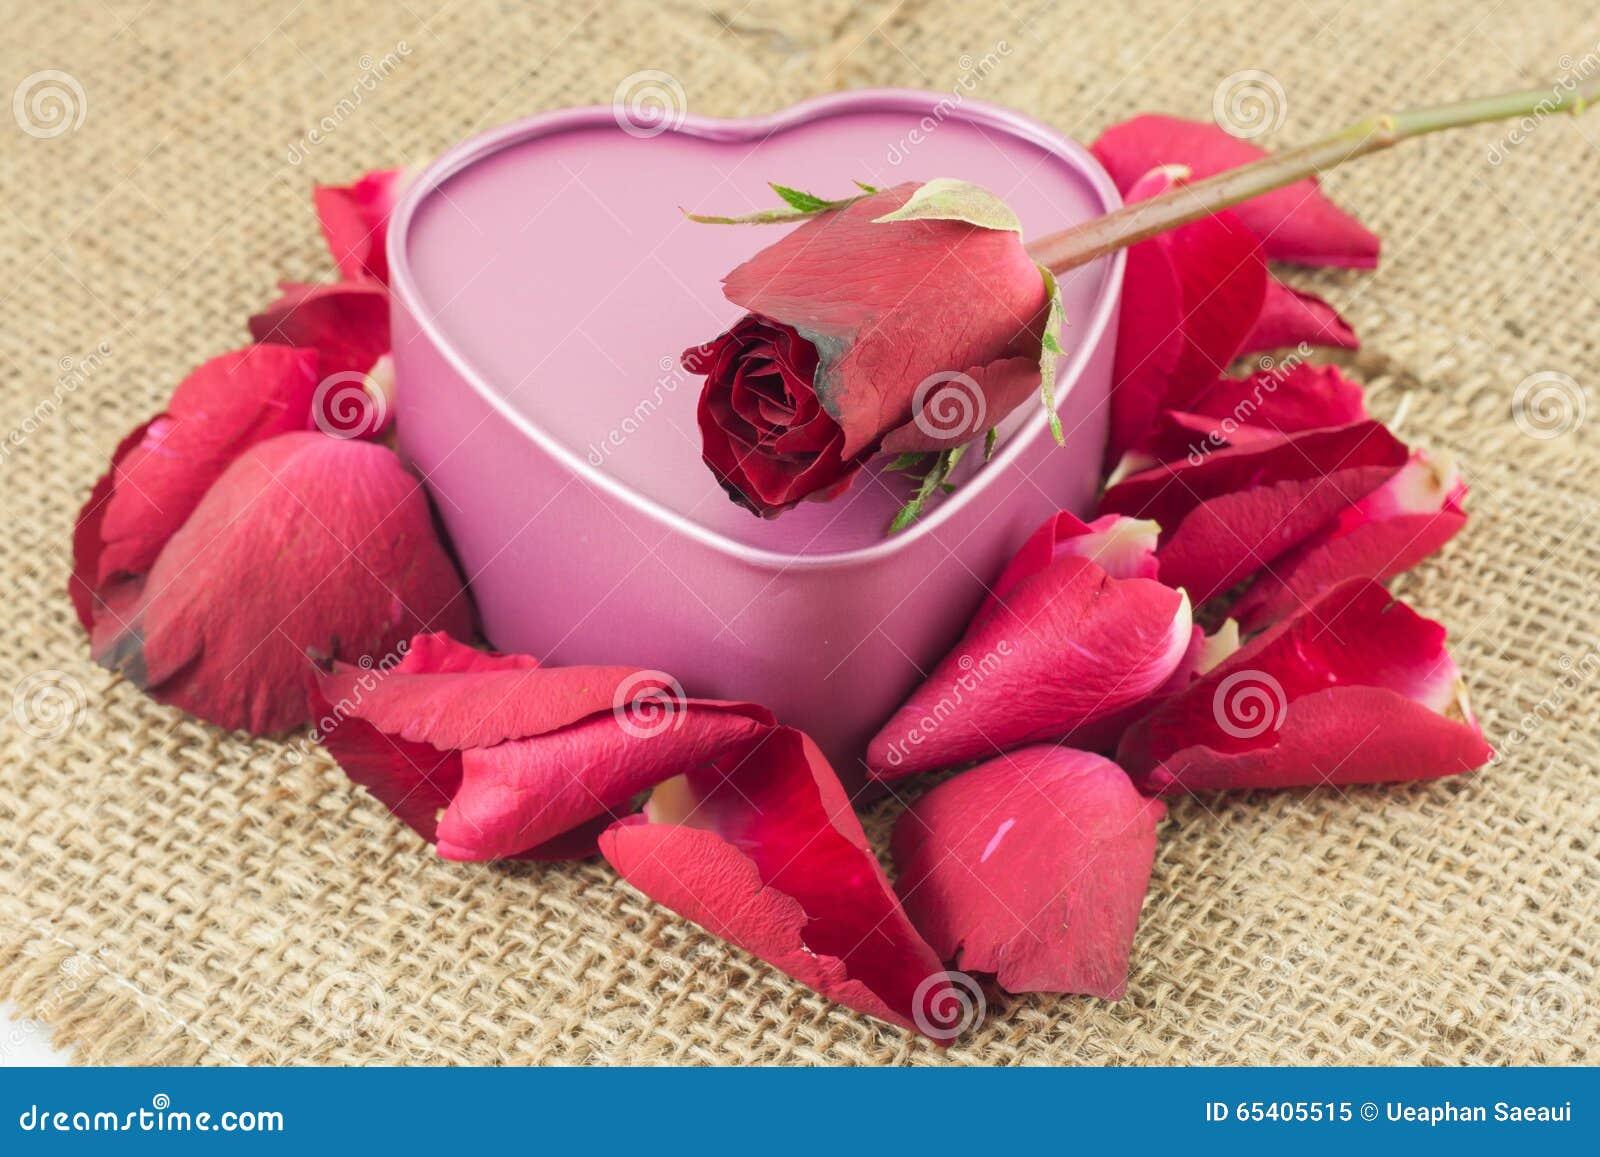 herz geformter metallkasten mit einer roten rose wird auf